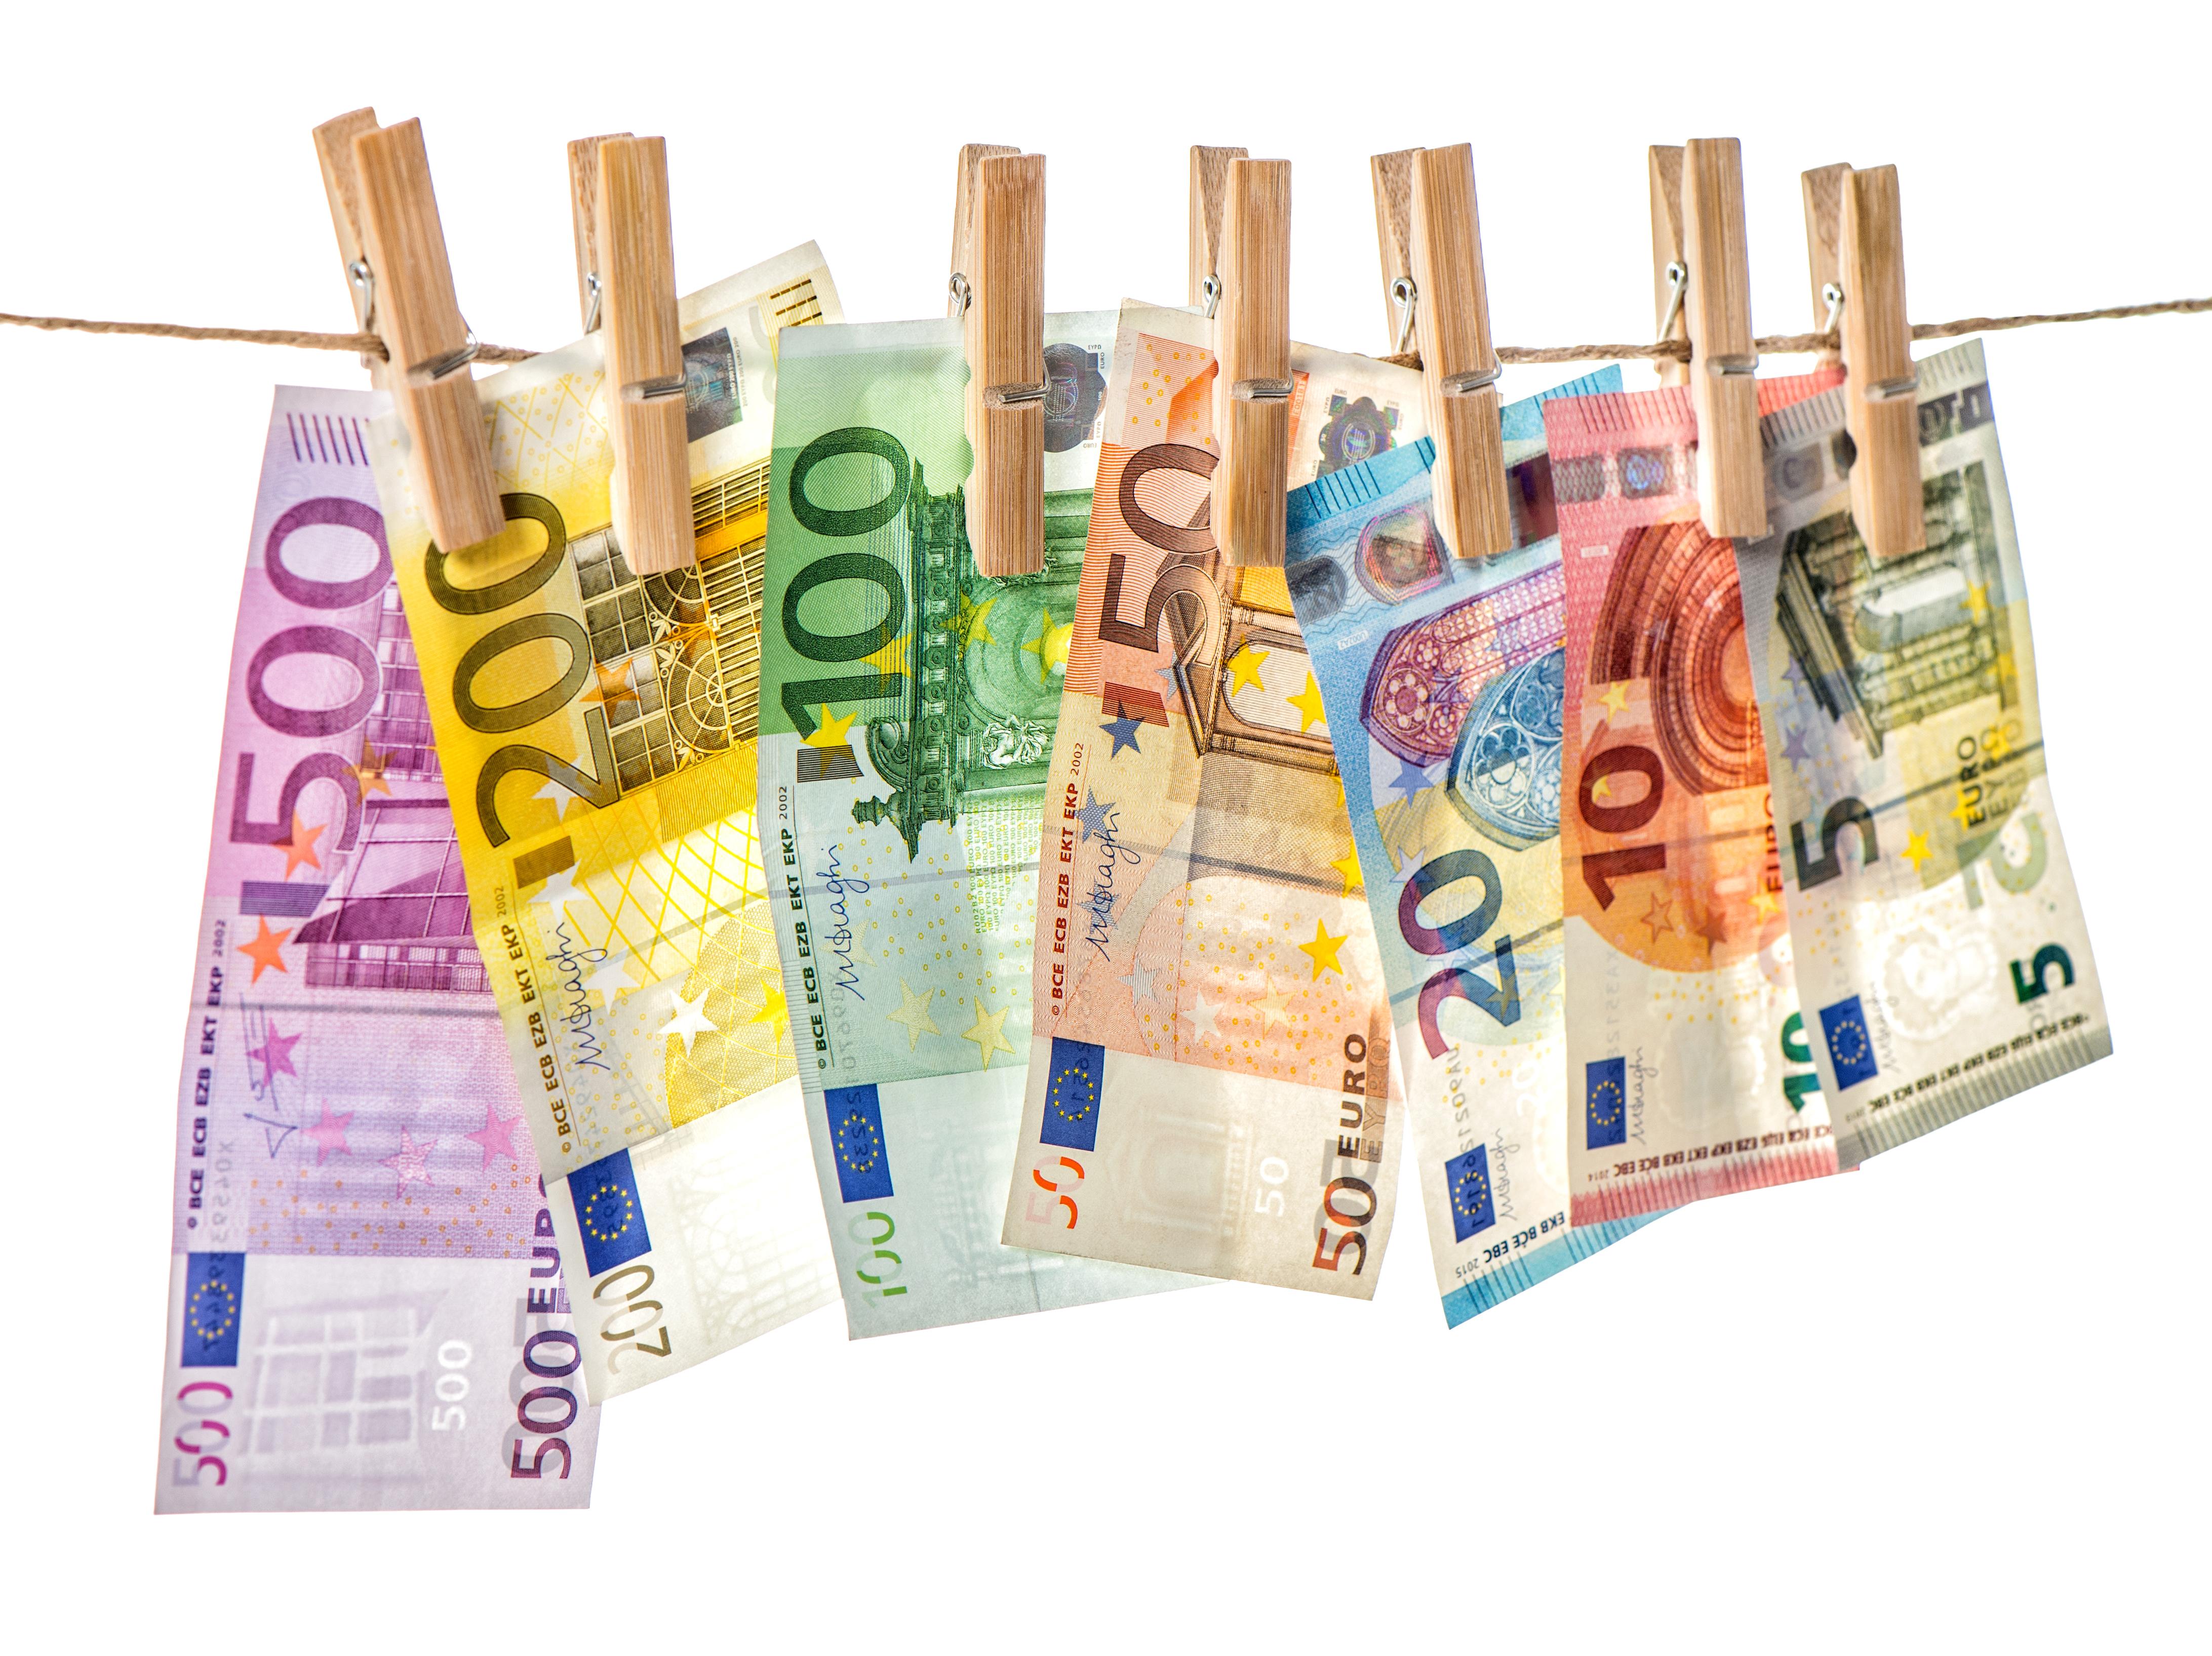 Υποχρεώσεις από τους Ορκωτούς Ελεγκτές Λογιστές και τις Ελεγκτικές Εταιρείες που συνδέονται με την πρόληψη και καταστολή της νομιμοποίησης εσόδων από εγκληματικές δραστηριότητες και της χρηματοδότησης της τρομοκρατίας (ΞΧ/ΧΤ)